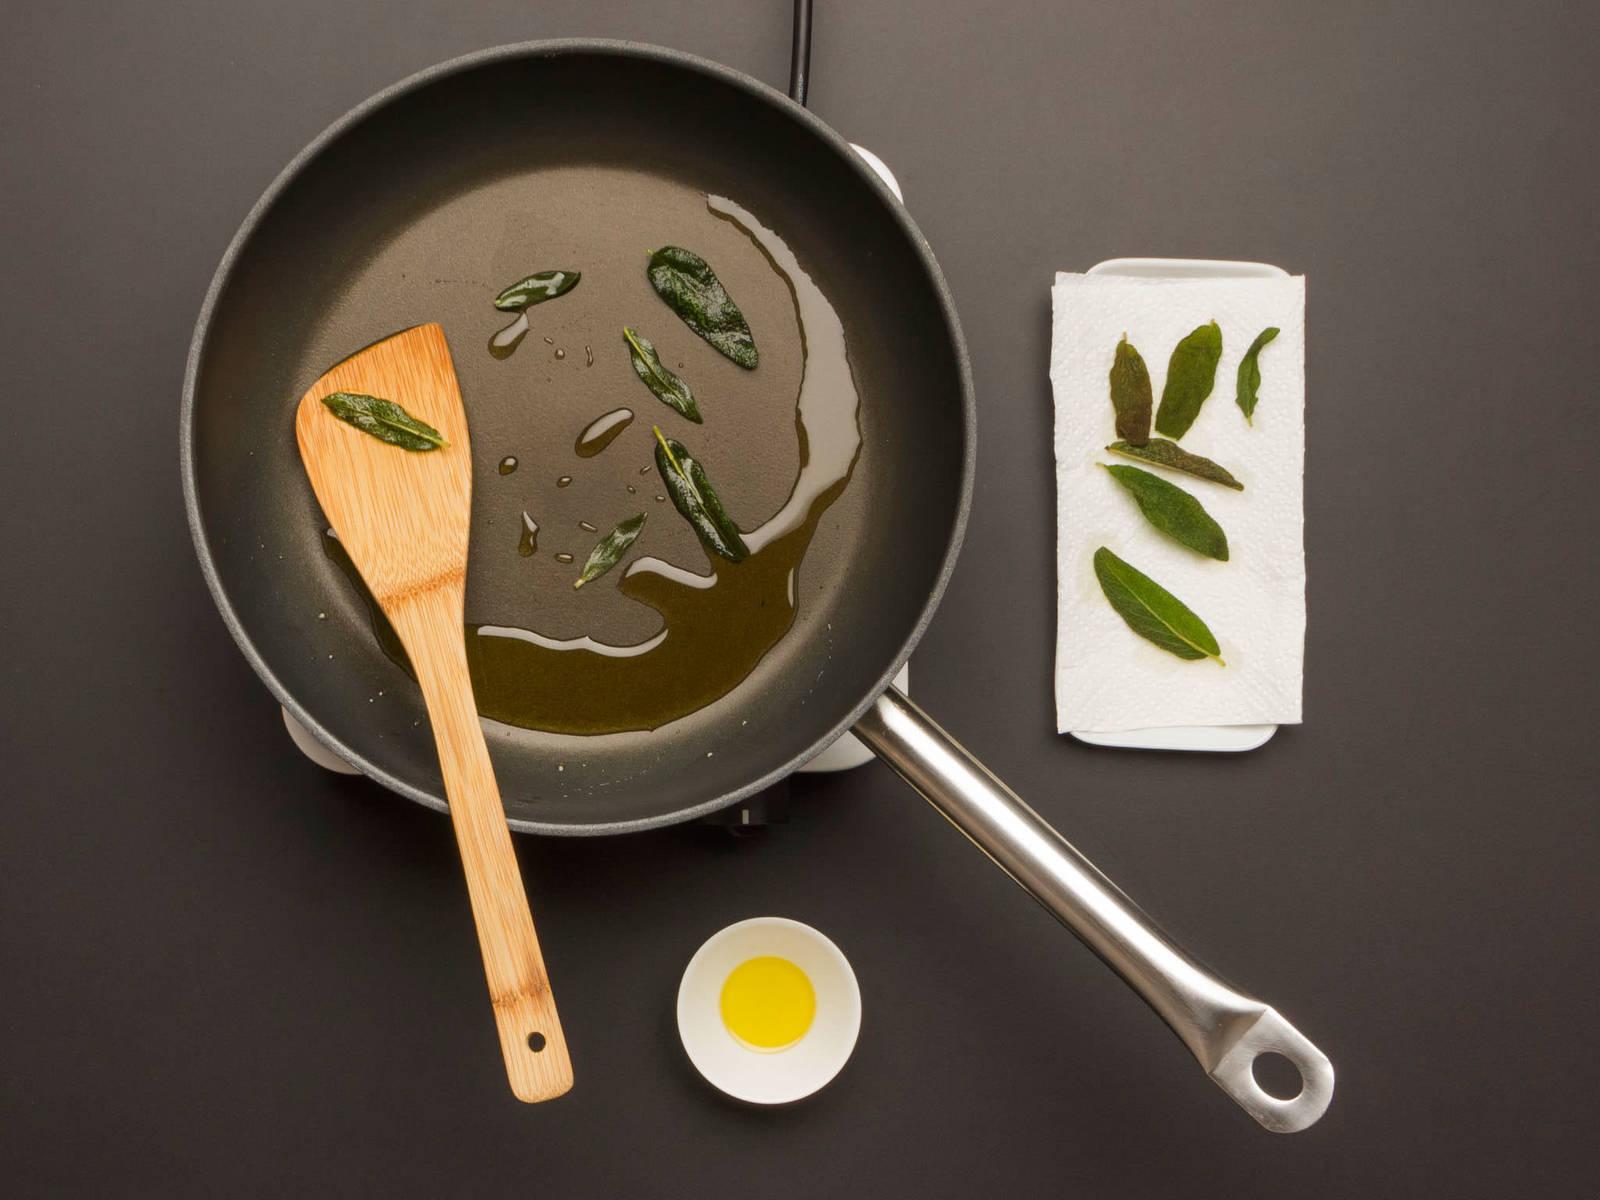 Olivenöl in einer großen Pfanne erhitzen. Salbeiblätter darin ca. 1 Min. frittieren, bis sie knusprig sind. Aufpassen, dass die Blätter nicht anbrennen! Zum Abtropfen auf einen mit Küchenpapier ausgelegten Teller geben. Öl in der Pfanne lassen.